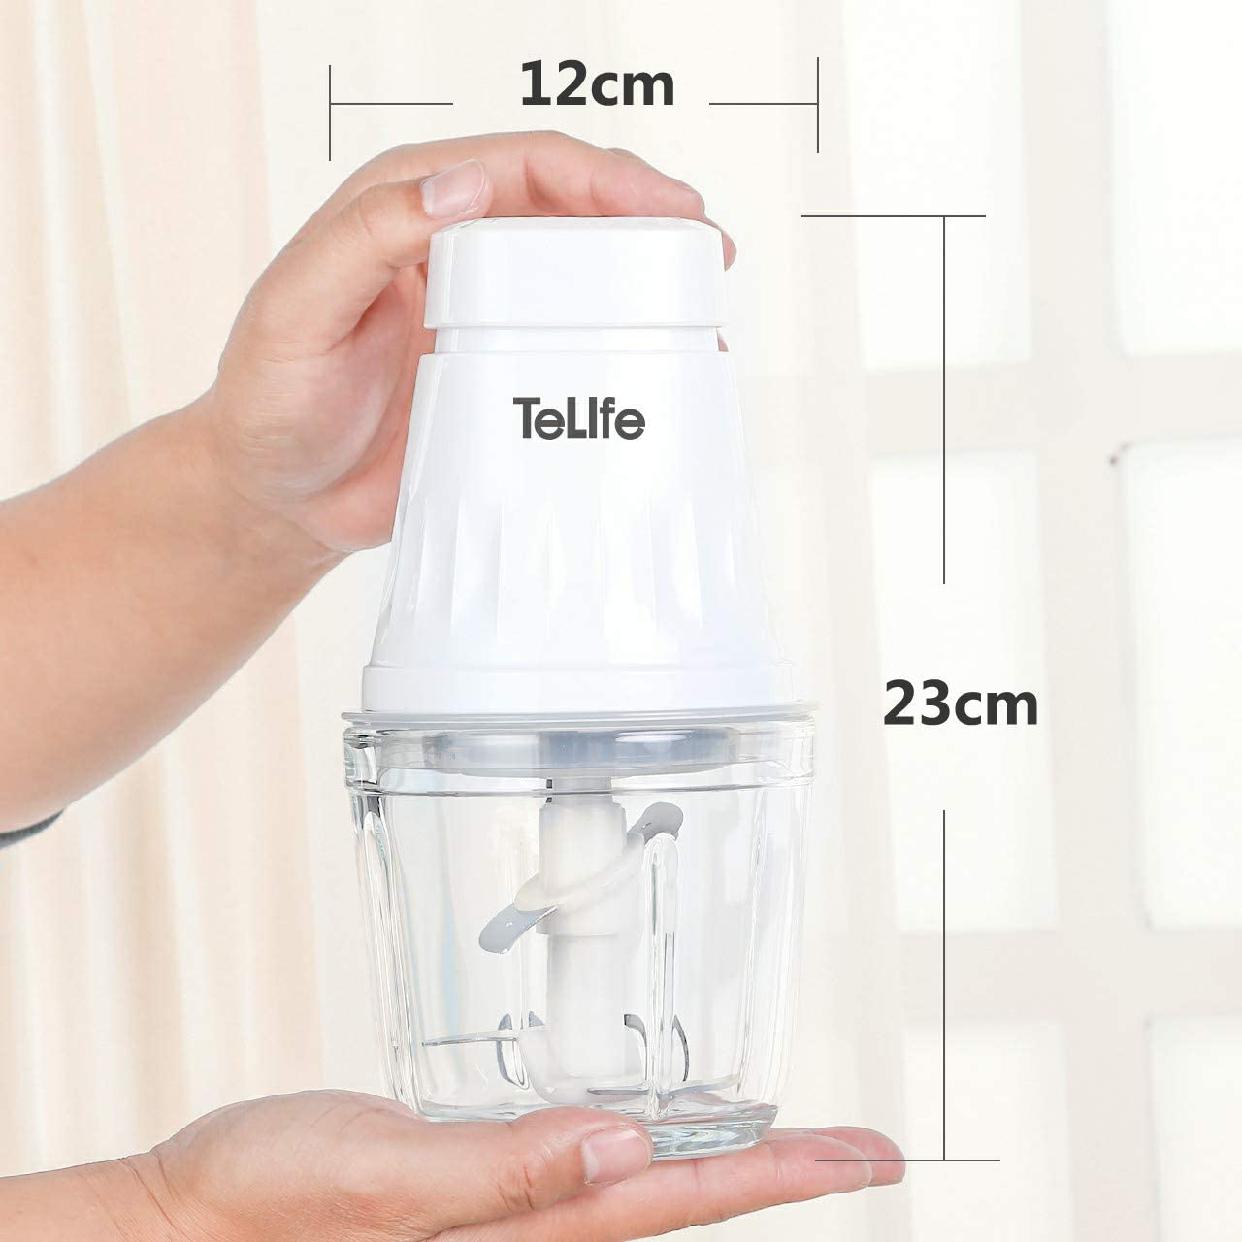 TeLife(テライフ)フードプロセッサー コンパクト ブレンダー (ホワイト)の商品画像7